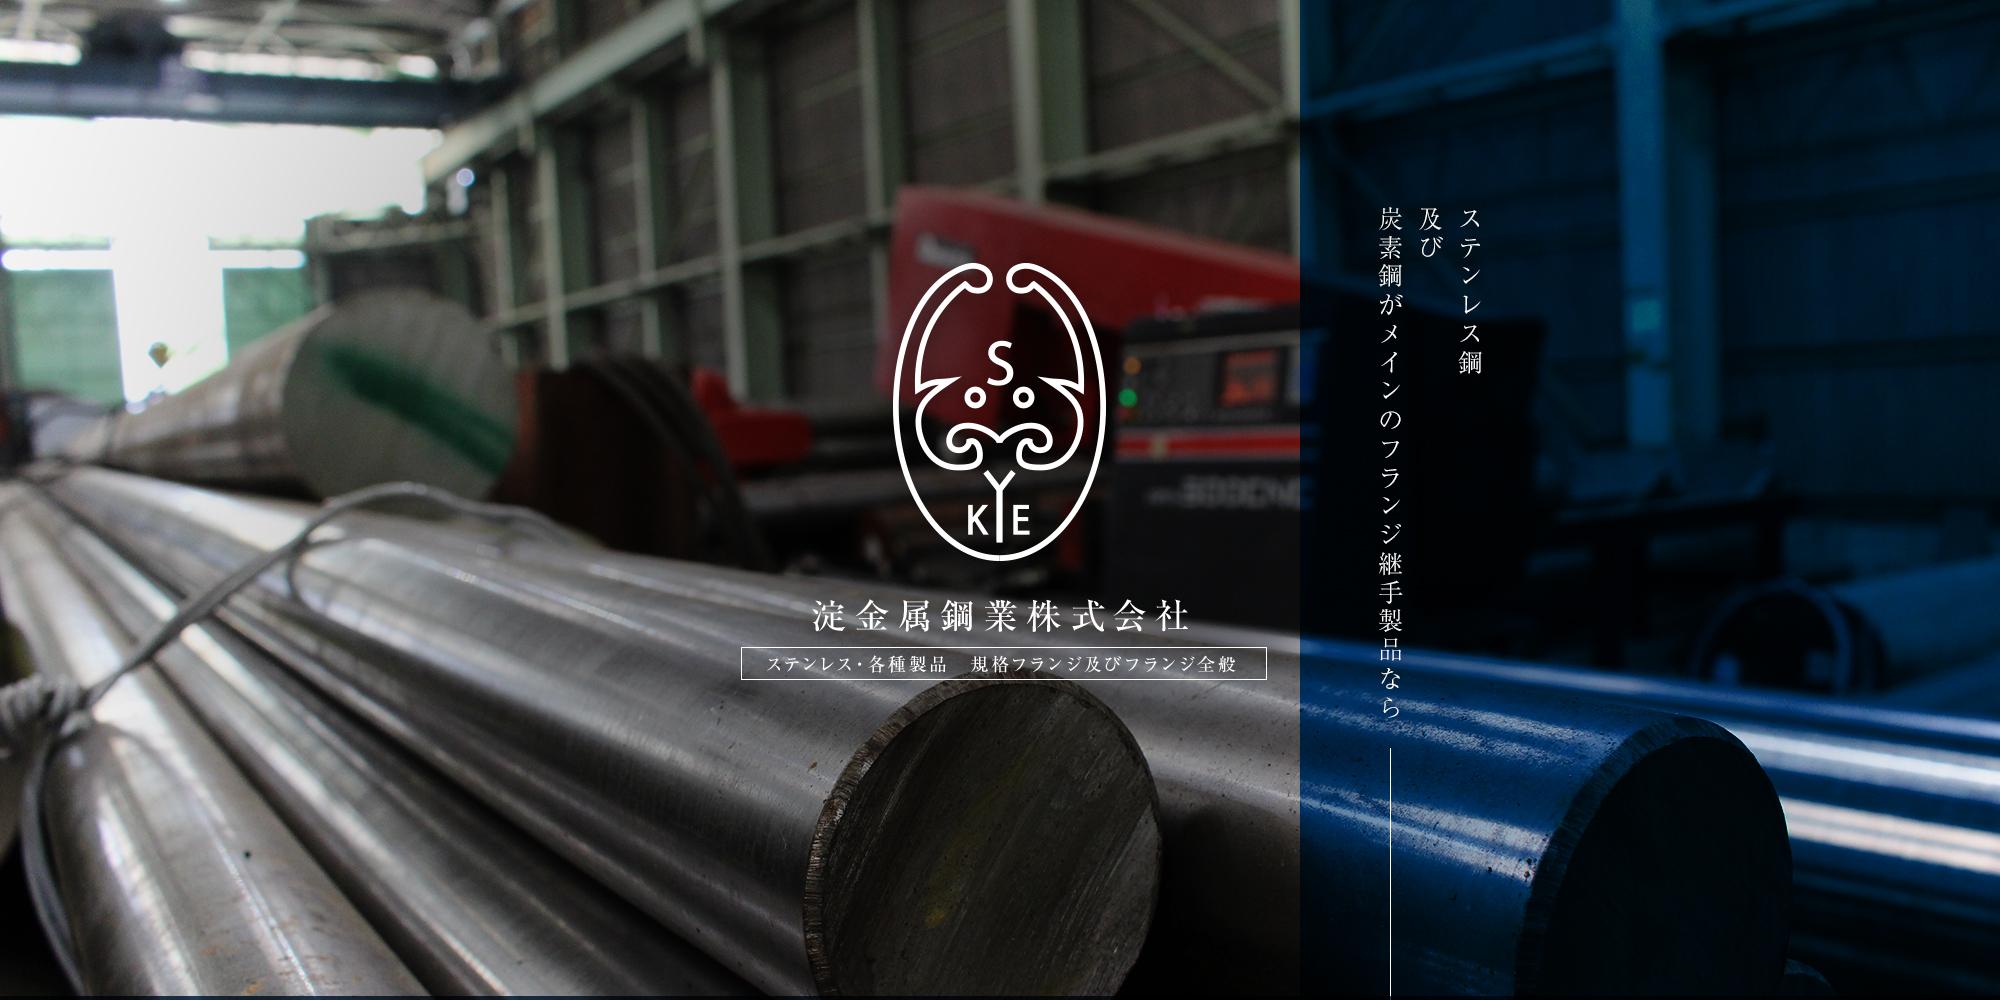 ステンレス鋼及び炭素鋼がメインのフランジ継手製品なら